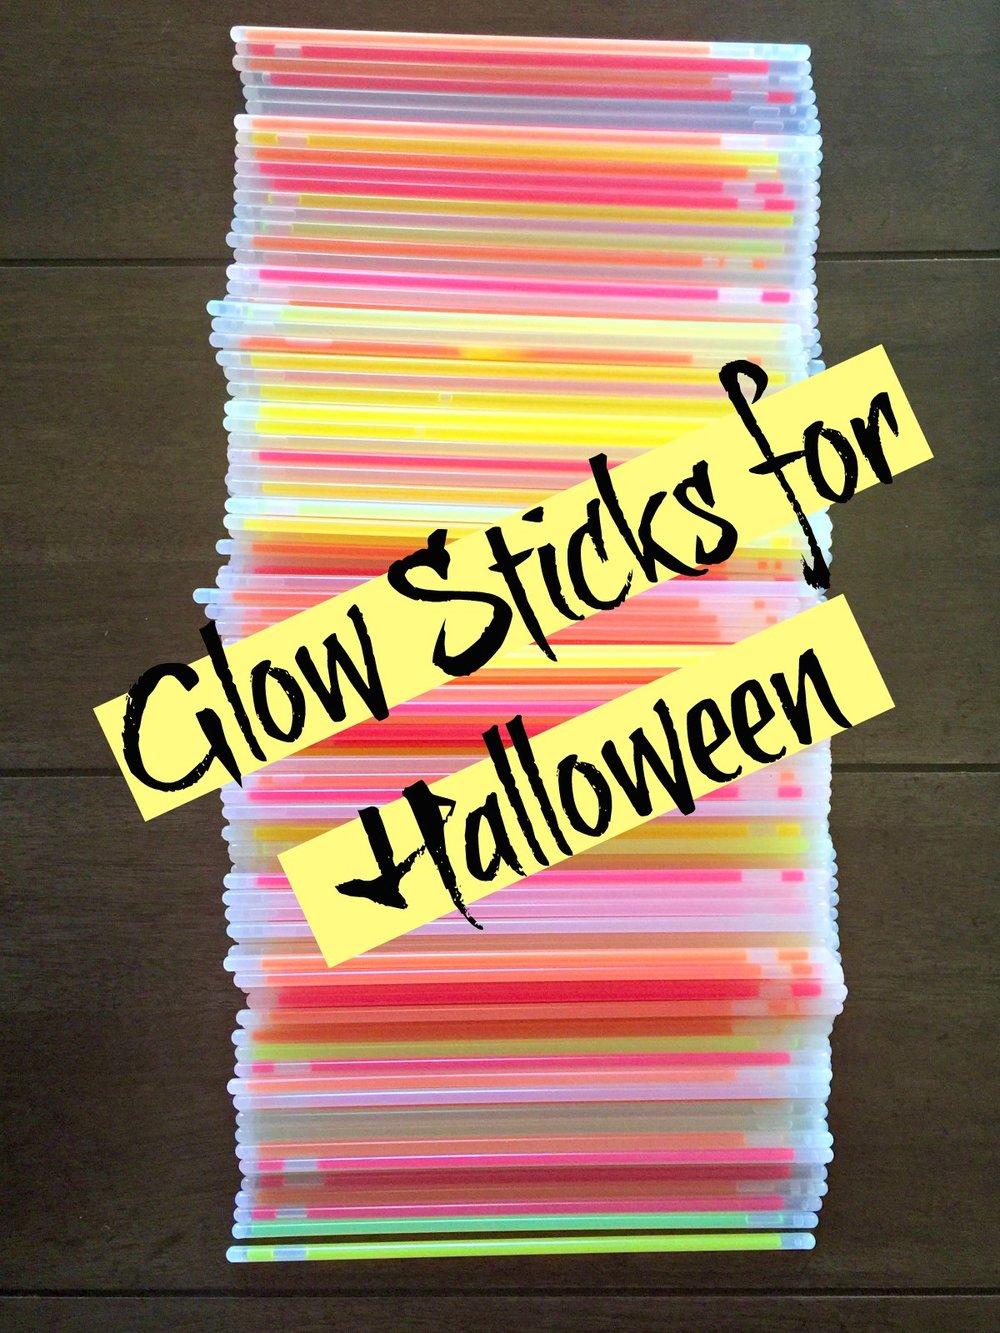 Glow sticks for Halloween